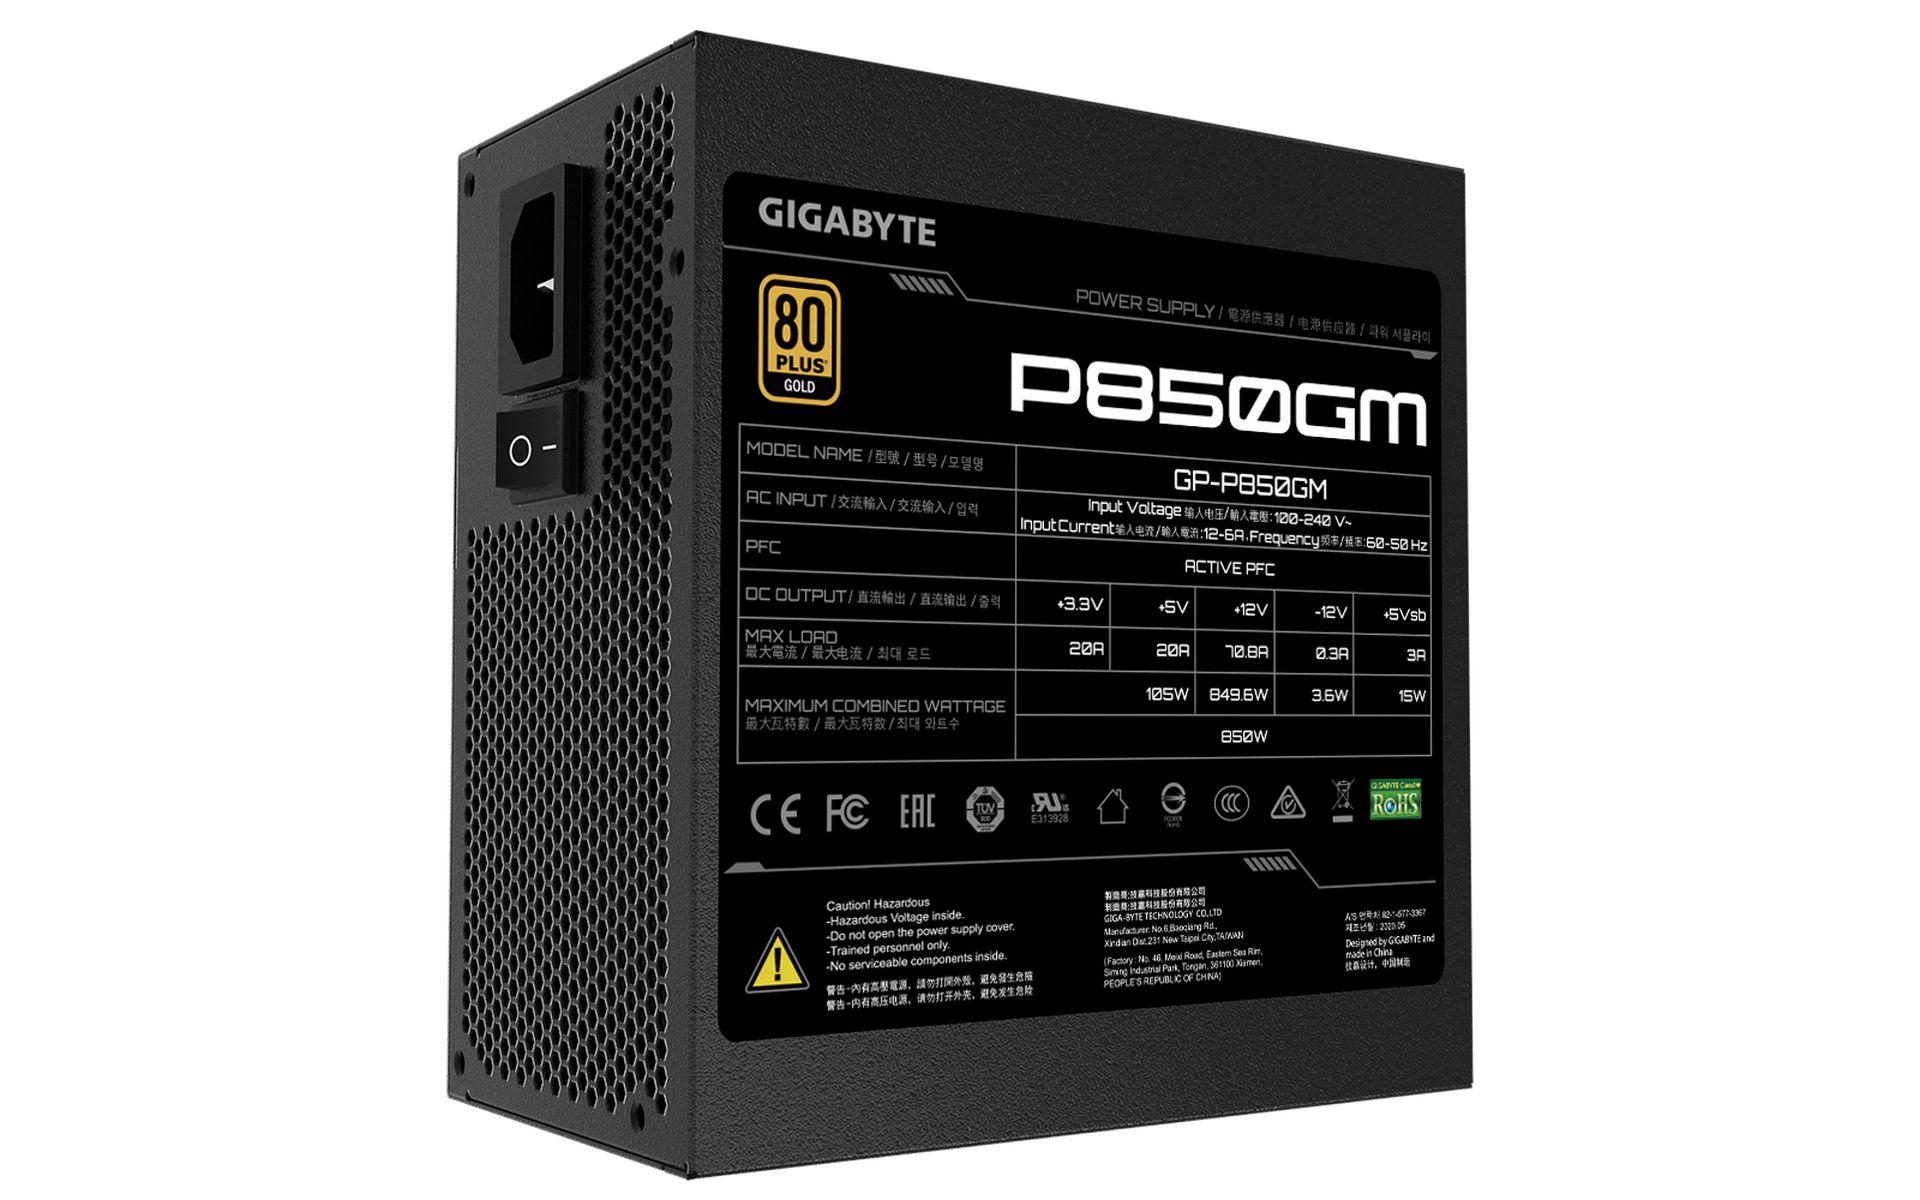 Nguồn máy tính Gigabyte P850GM được chứng nhận 80 Plus Gold